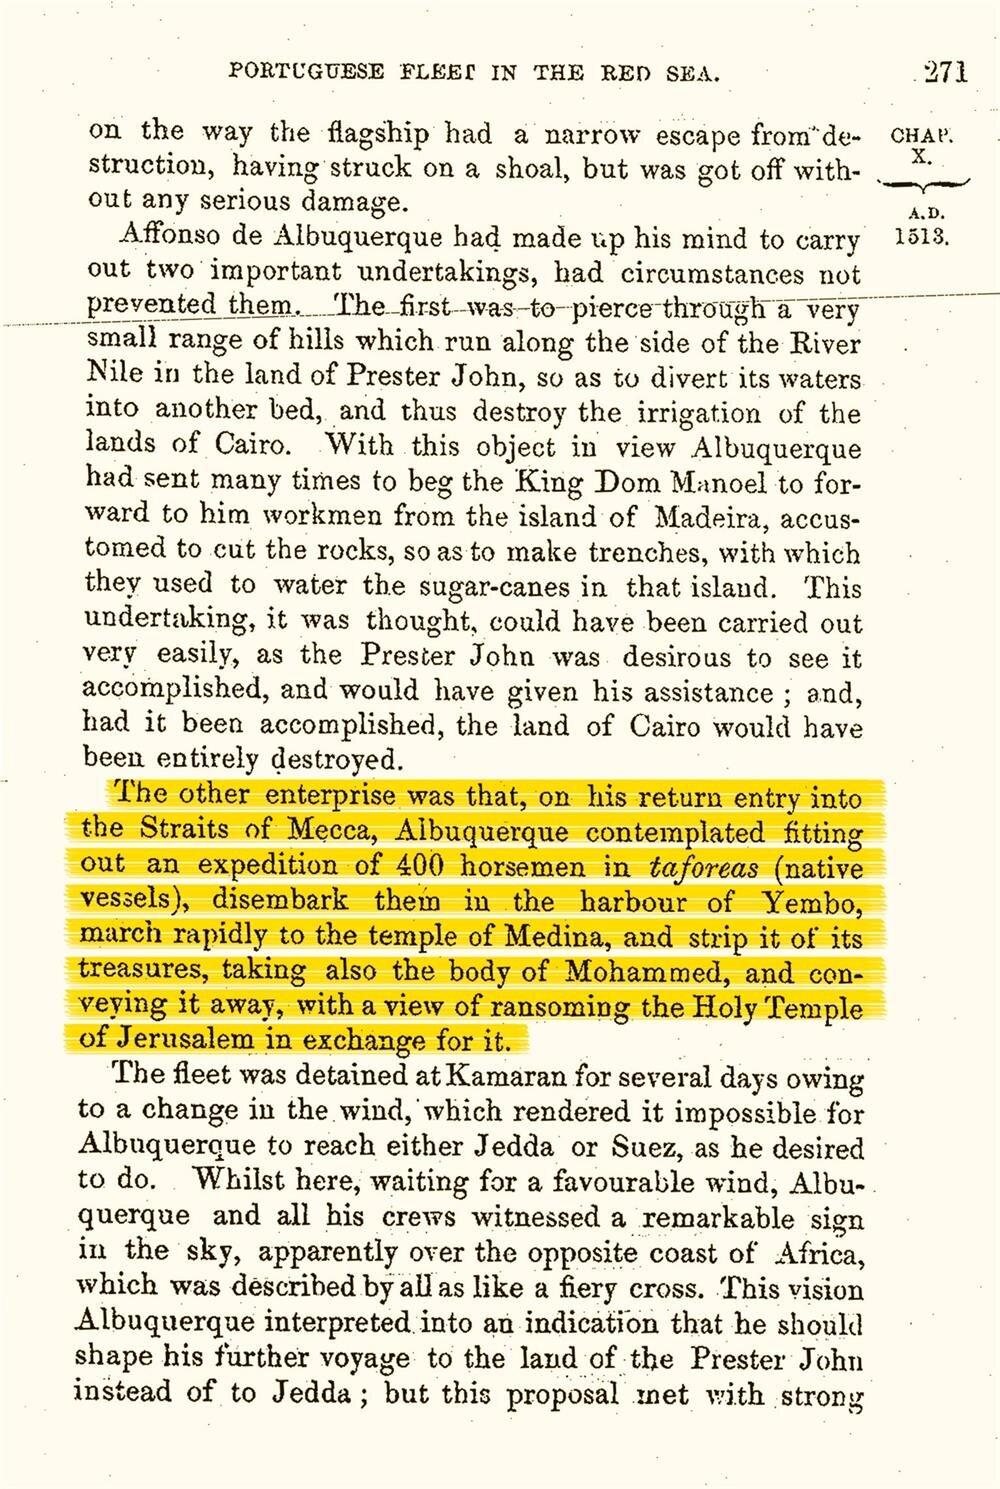 Hindistan Genel Valisi Albuquerque, Portekiz Kralı Don Manoel'e yazdığı mektupta Peygamberimizin naşını (the body of Mohammad) kaçırmayı planladığını yazmıştı. (Kaynak: F. C. Danvers, The Portuguese in India, cilt I, London 1894.) Öte yandan Goa'yı ele geçirmek uzun döneme yaydığı planlarının ilkiydi. 1510'da bu emeline nail olacaktı.